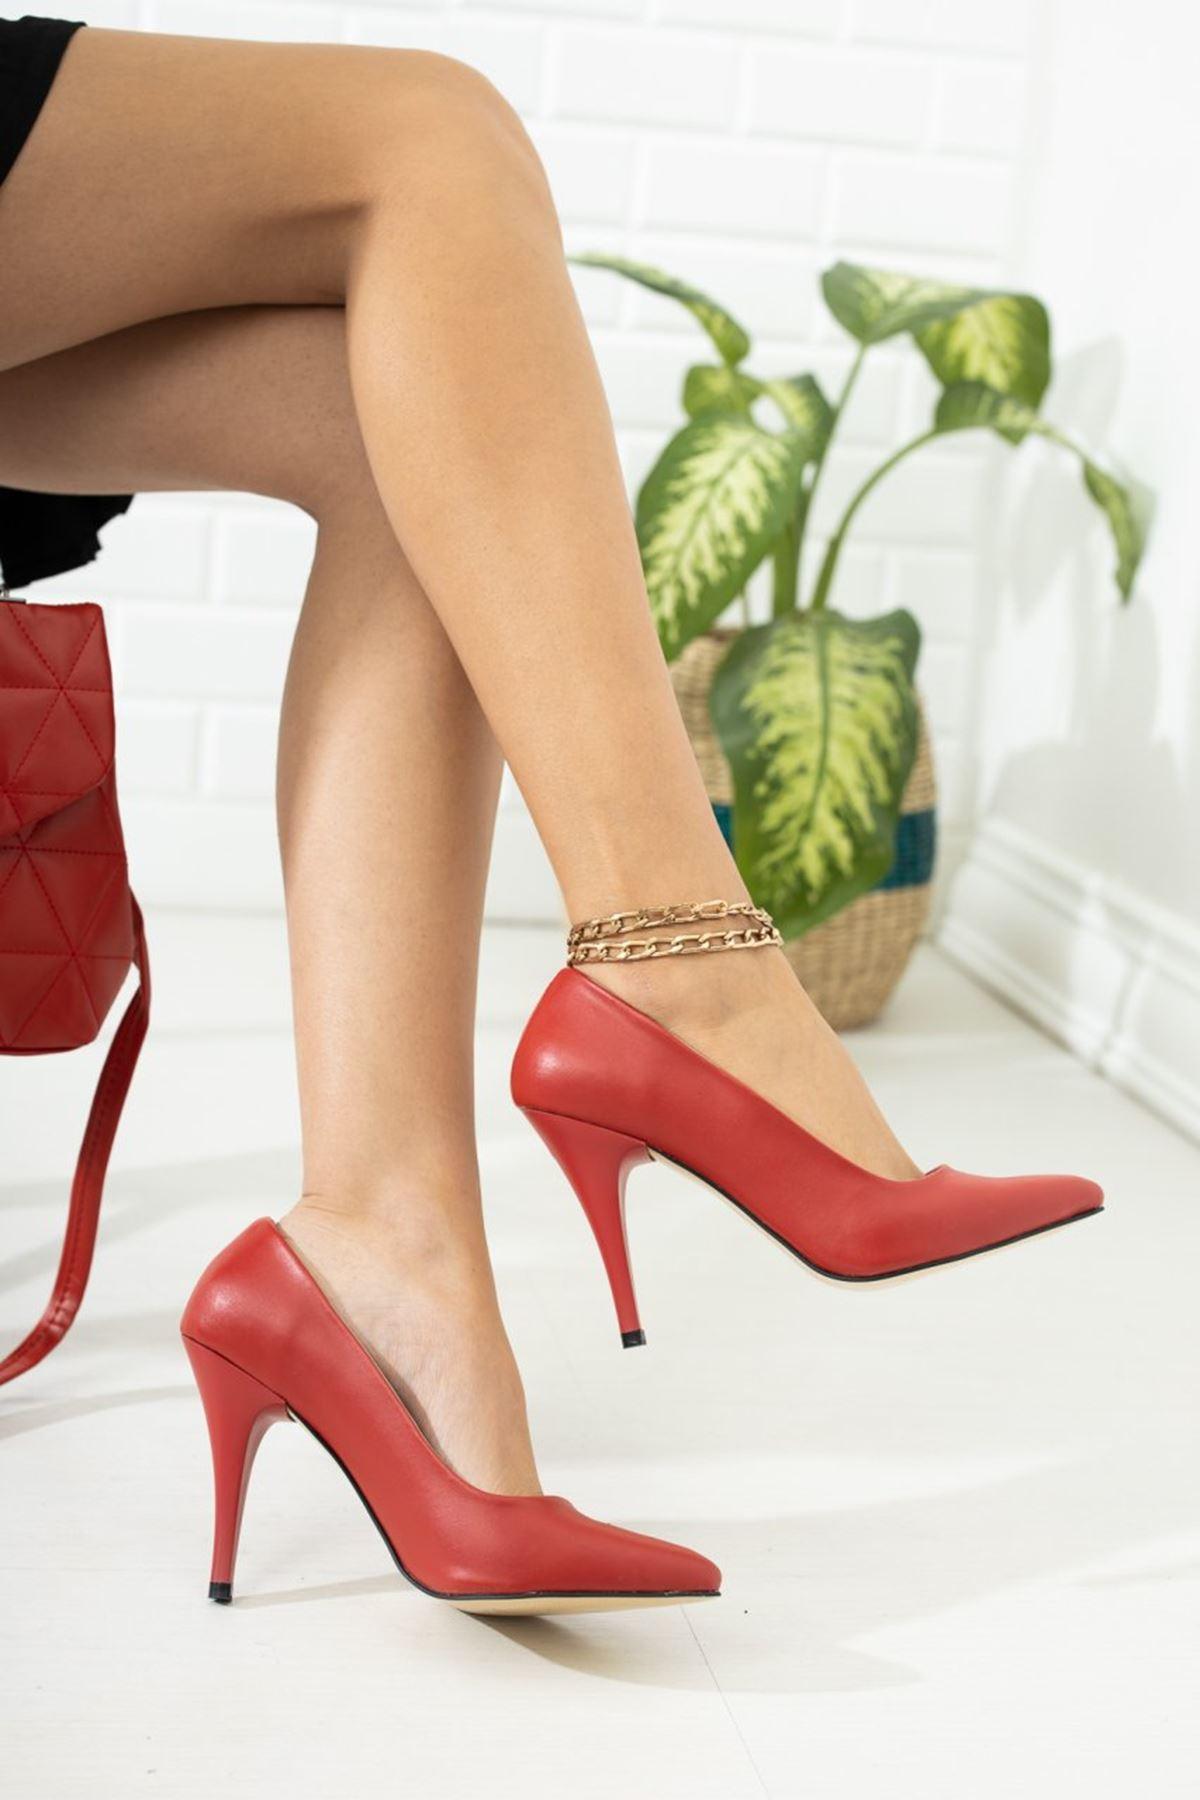 Kadın Ages Yüksek Topuklu Mat Deri Kırmızı Stiletto